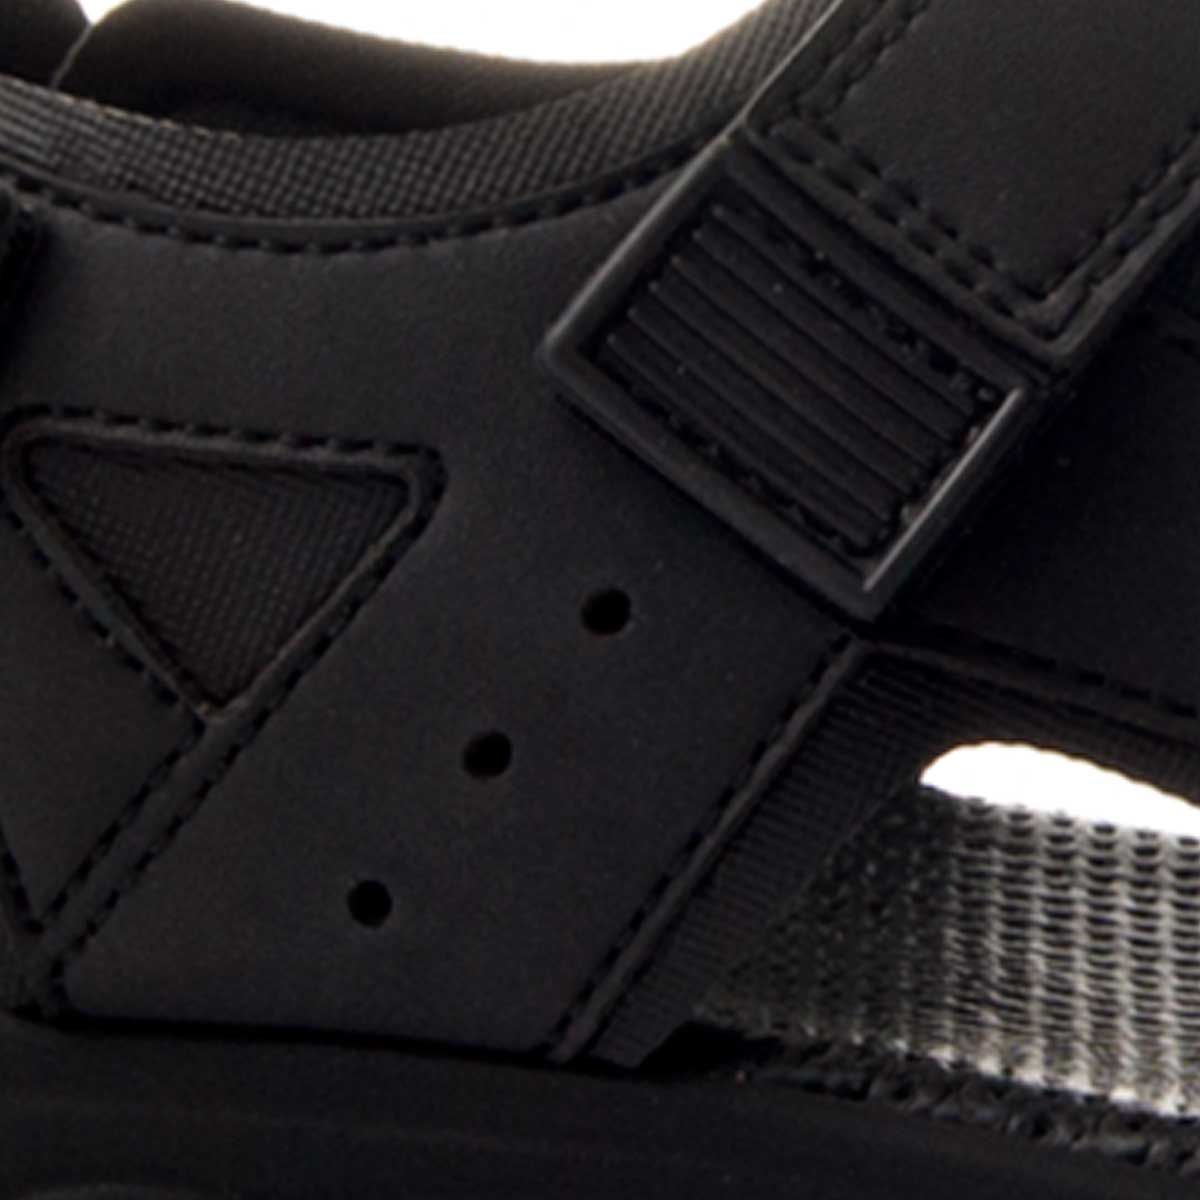 Montevita Strap Sandal in Black